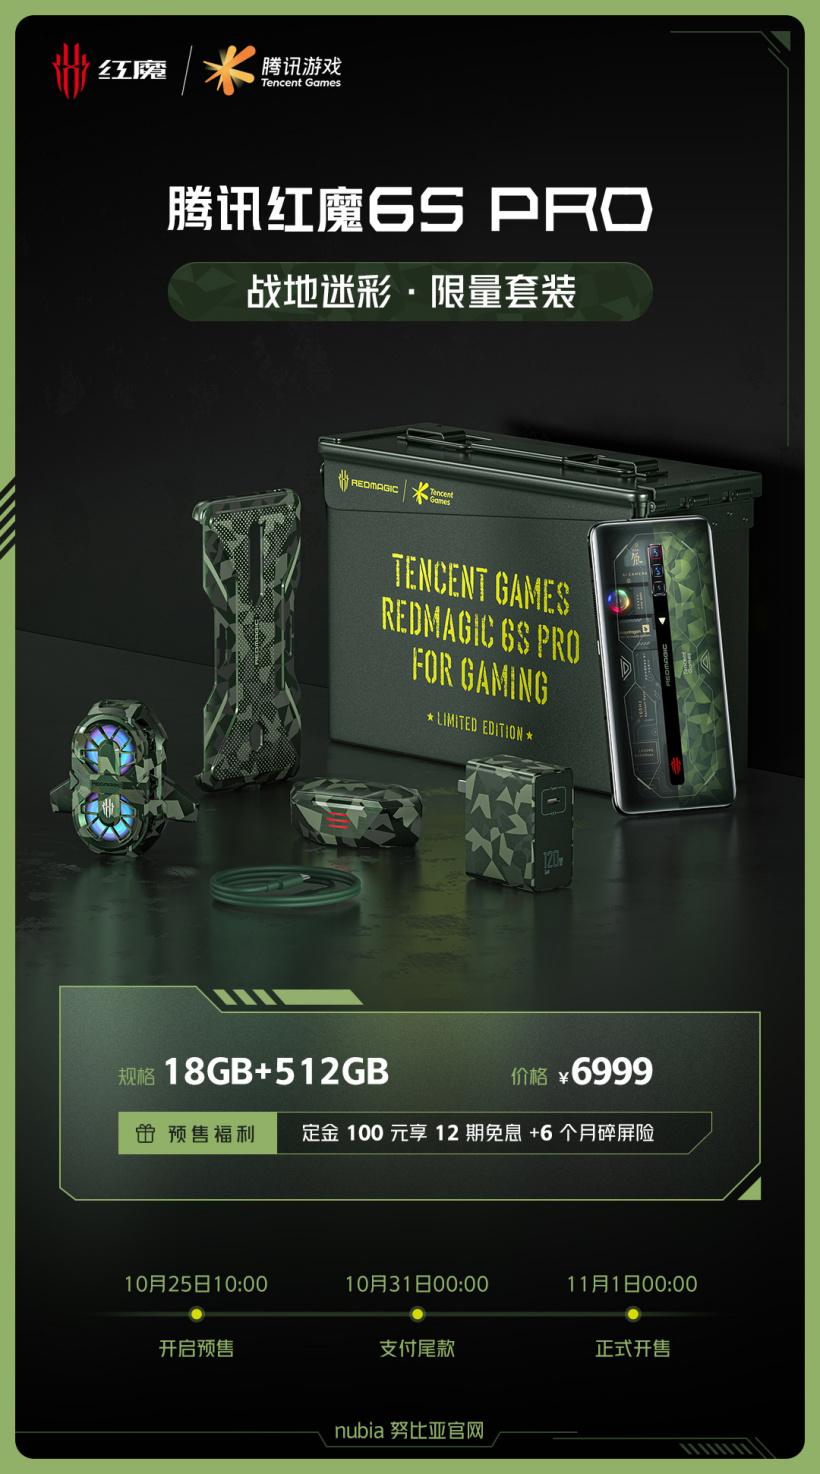 红魔6S Pro推战地迷彩限量套装:含双核散热背夹/TWS耳机 17分钟充满电